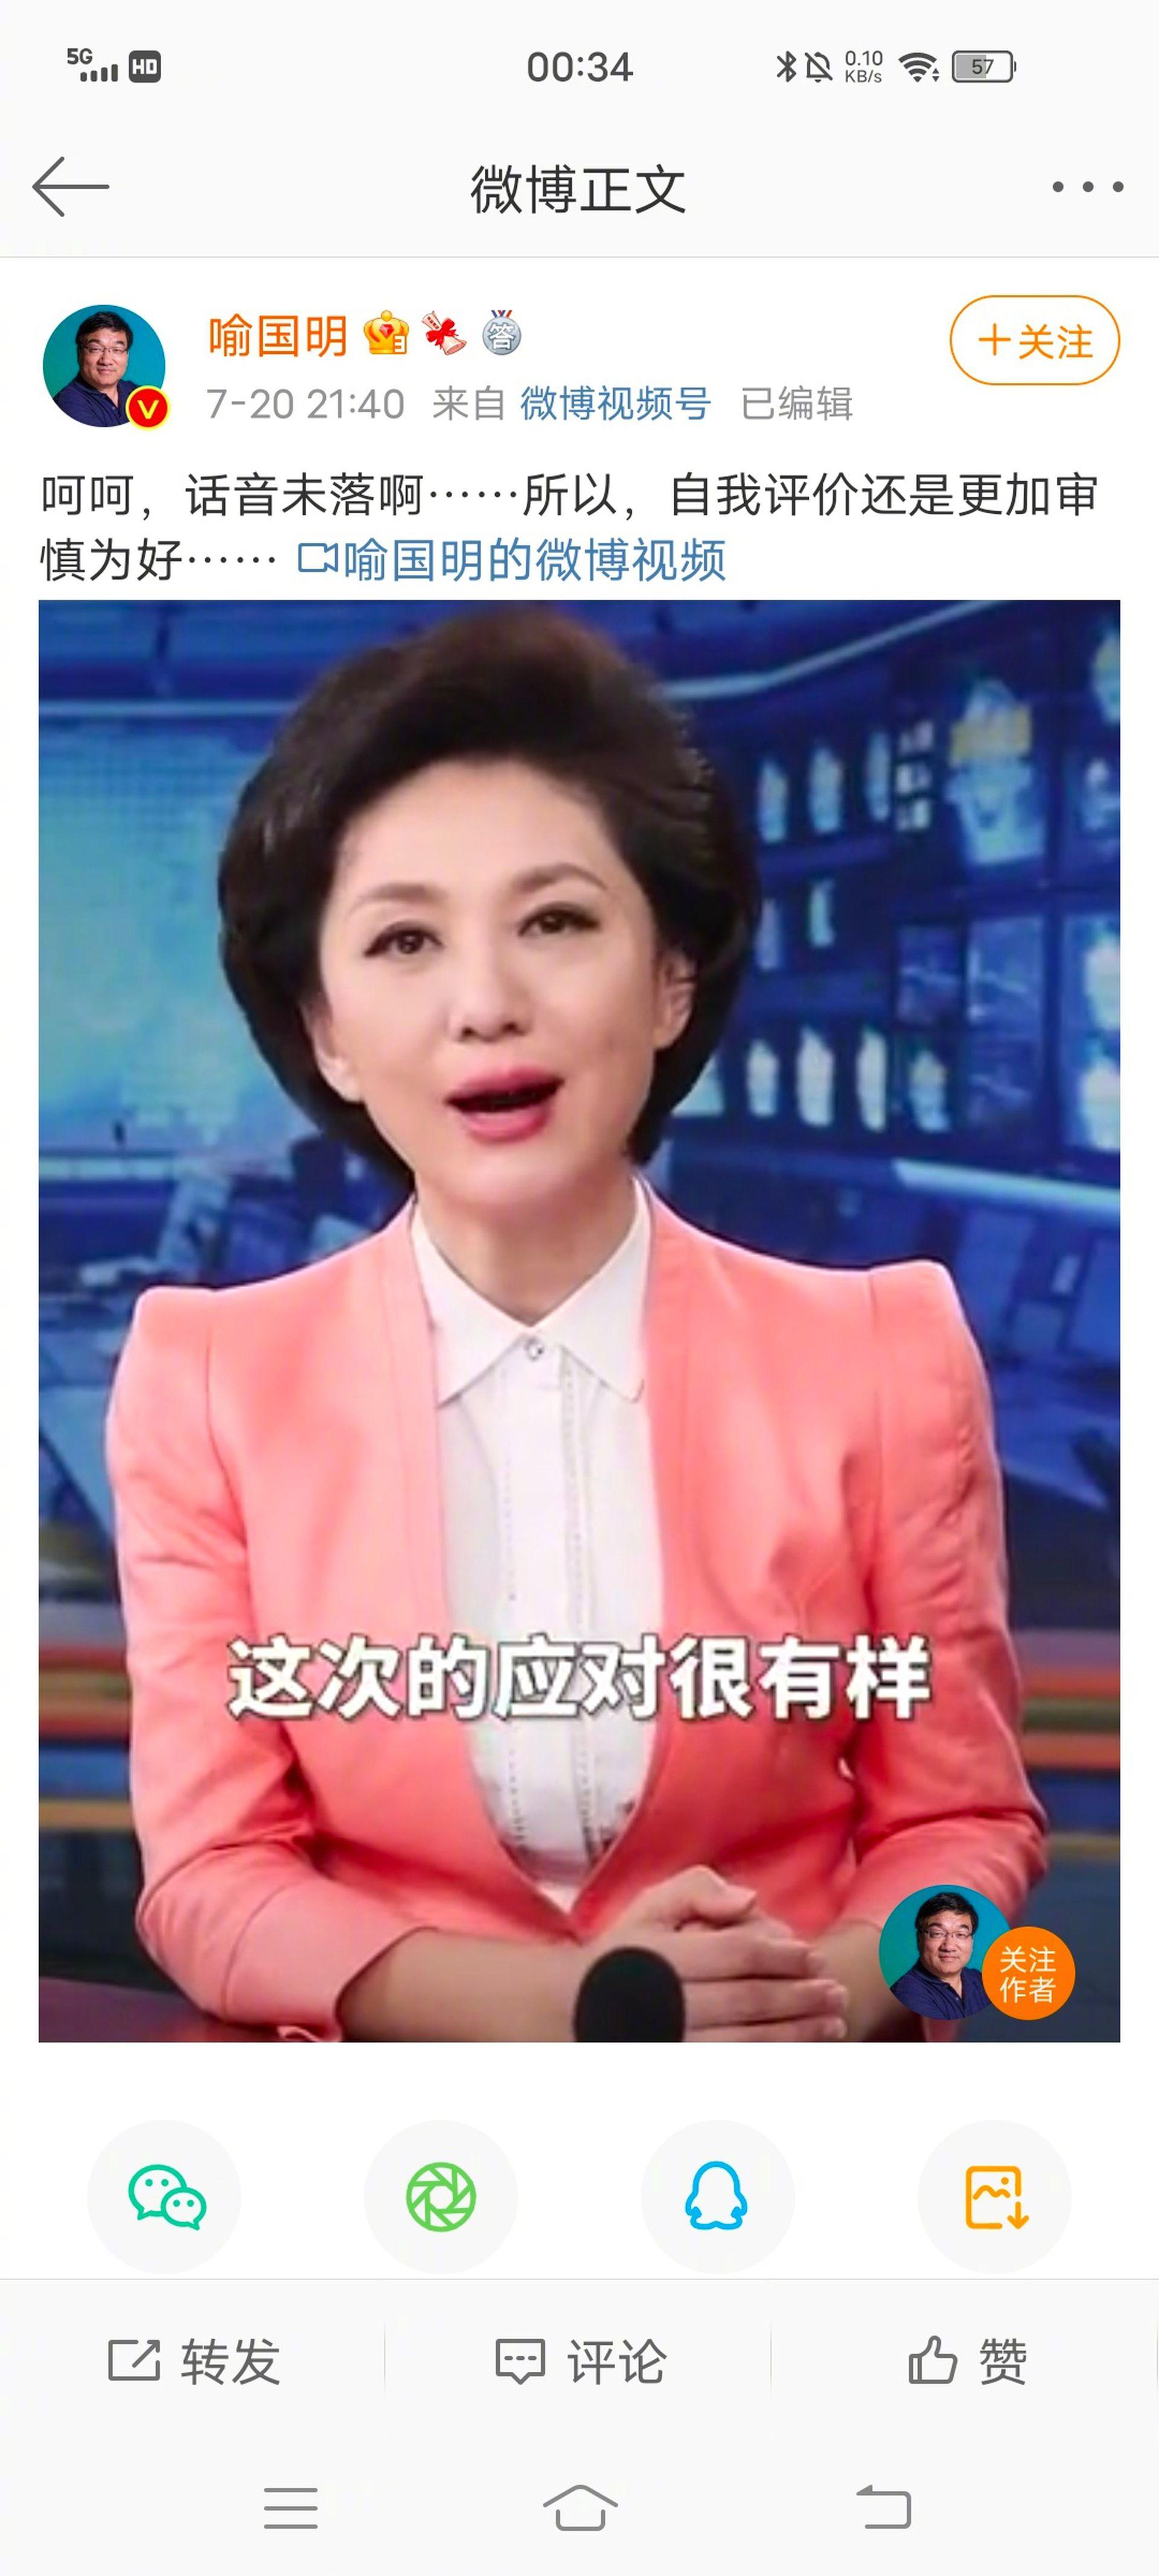 """河南暴雨 清华硕士""""不当言论""""被扒 遭解聘高管职务"""